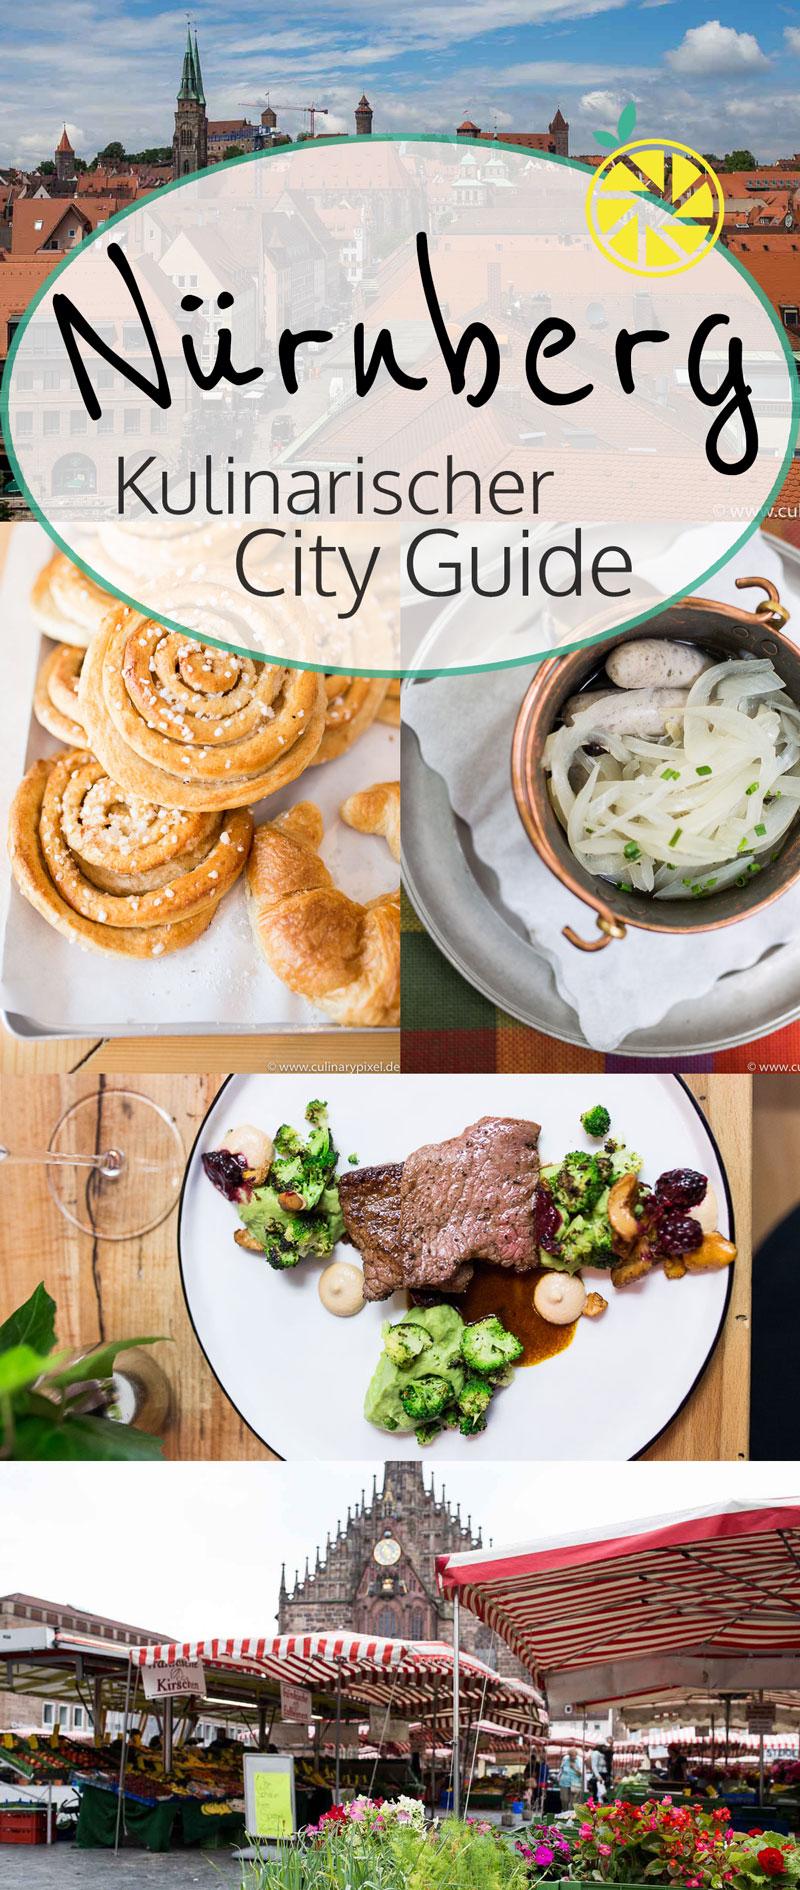 Nürnberg Kulinarischer City Guide